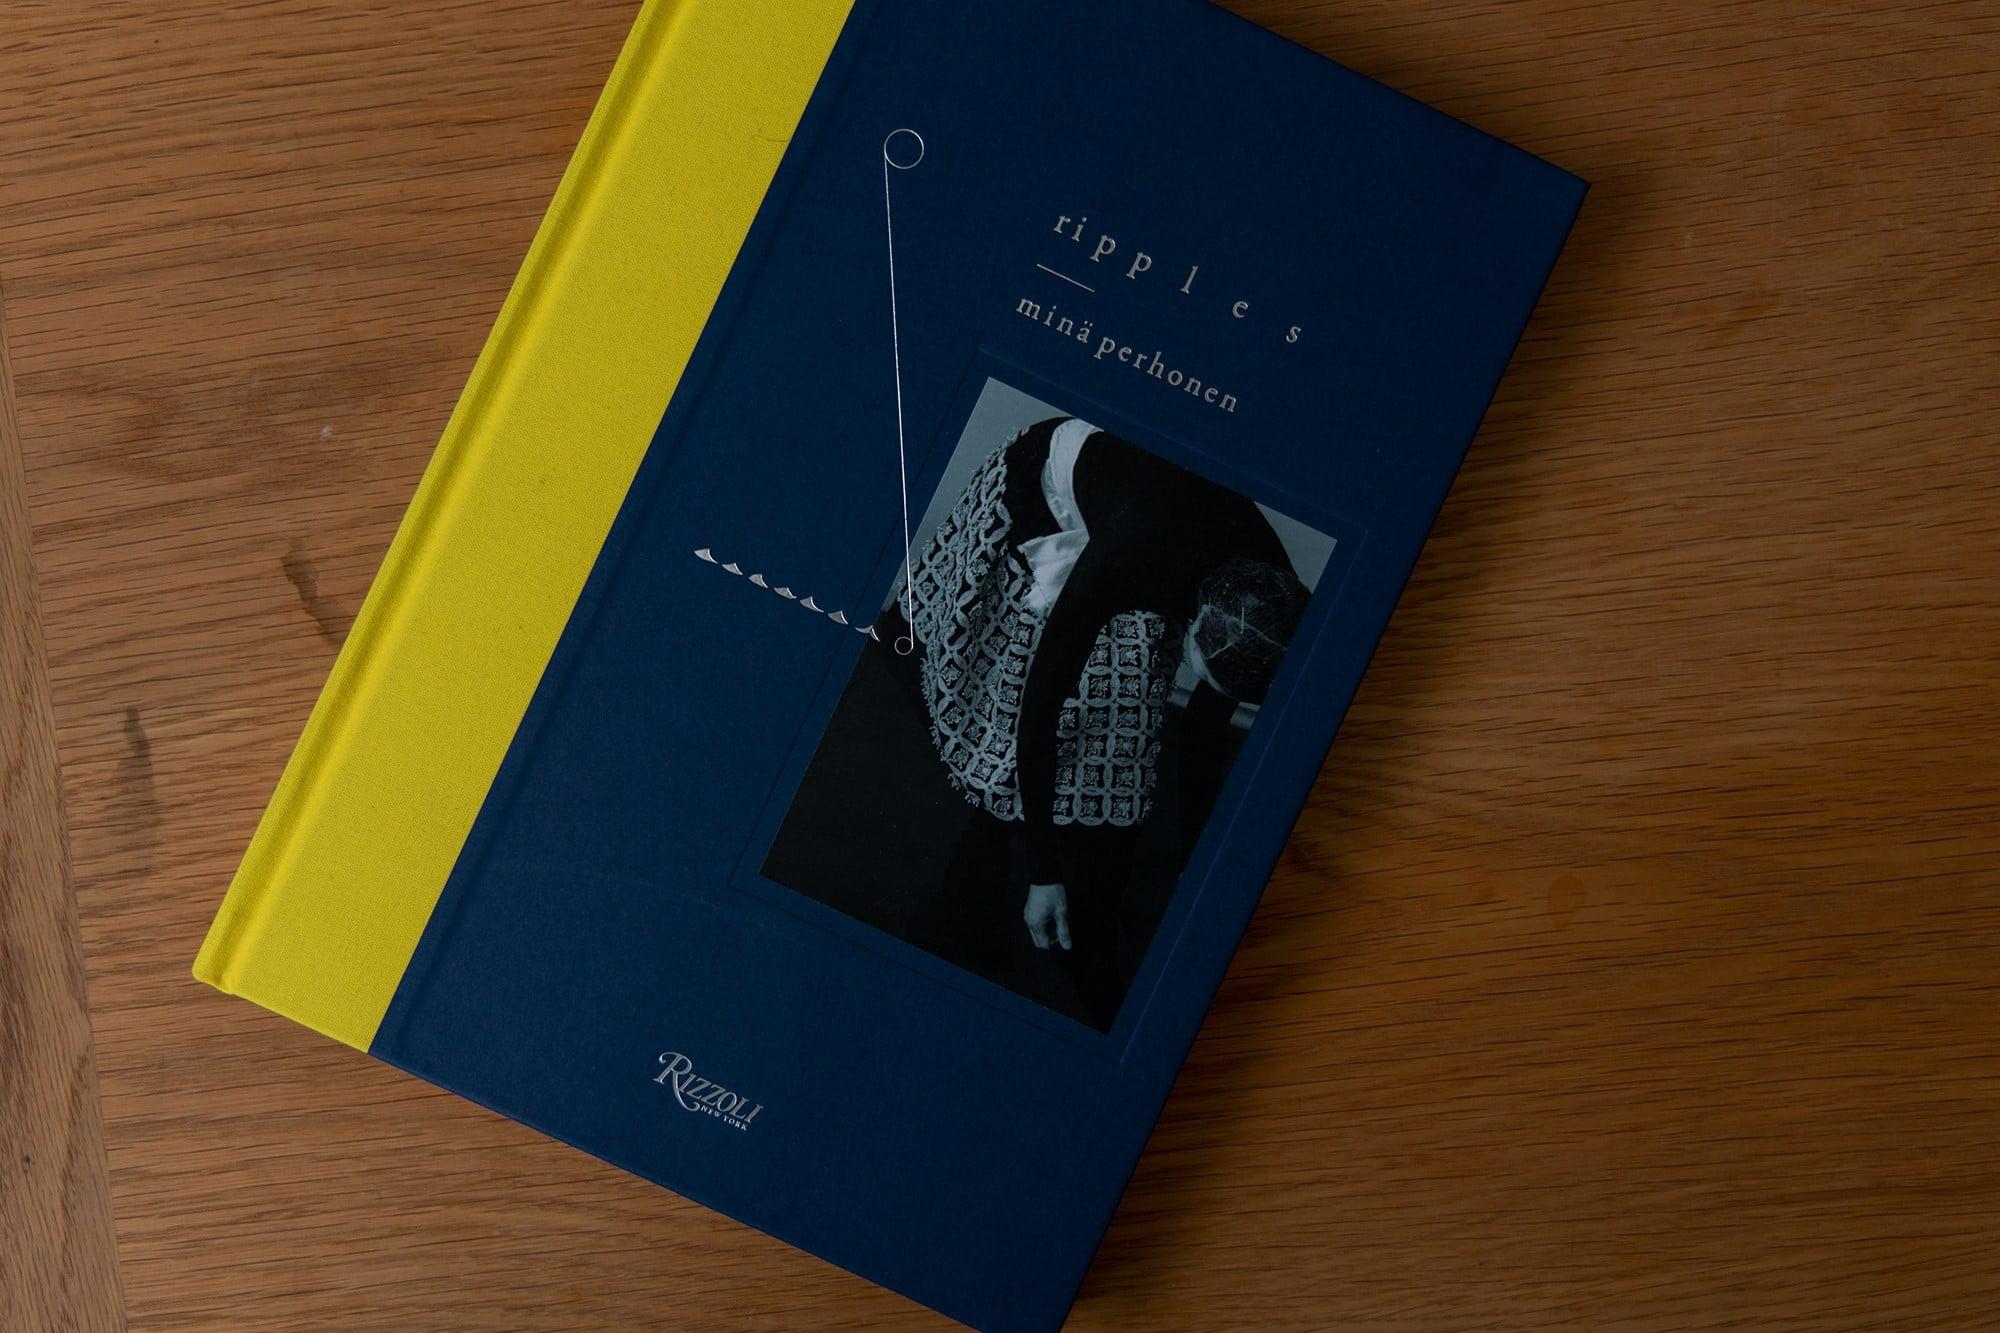 米国の出版社 Rizzoli New Yorkより発行された、ミナ ペルホネンのビジュアルブック「ripples」。 「ripples(さざ波)」と名付けられた書籍は、ファッションからライフスタイル、テキスタイルの原画などまで収録。ミナ ペルホネンの各店で購入すると、和訳冊子が付く。9,570円